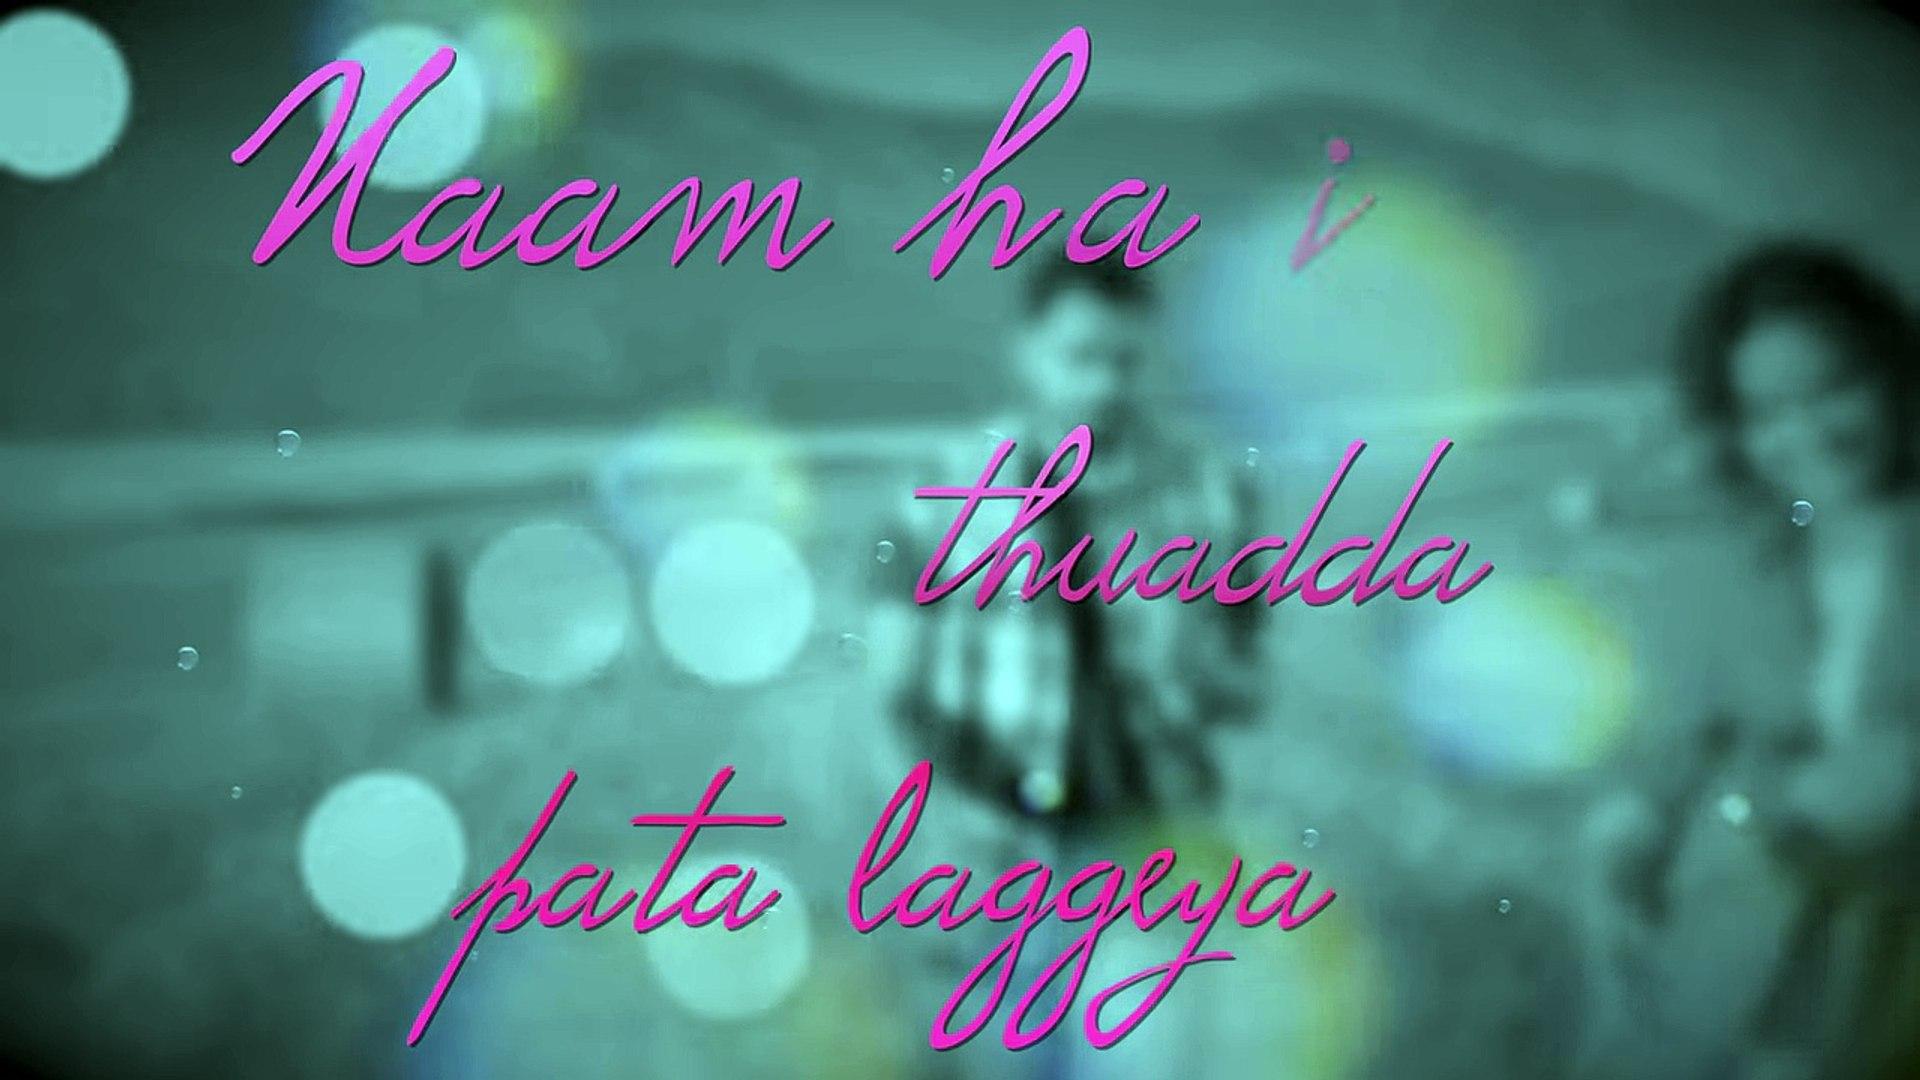 Tareyaan De Des - Lyrical Video - Prabh Gill - Desi Routz - Latest Punjabi Song 2018,punjabi song,ne